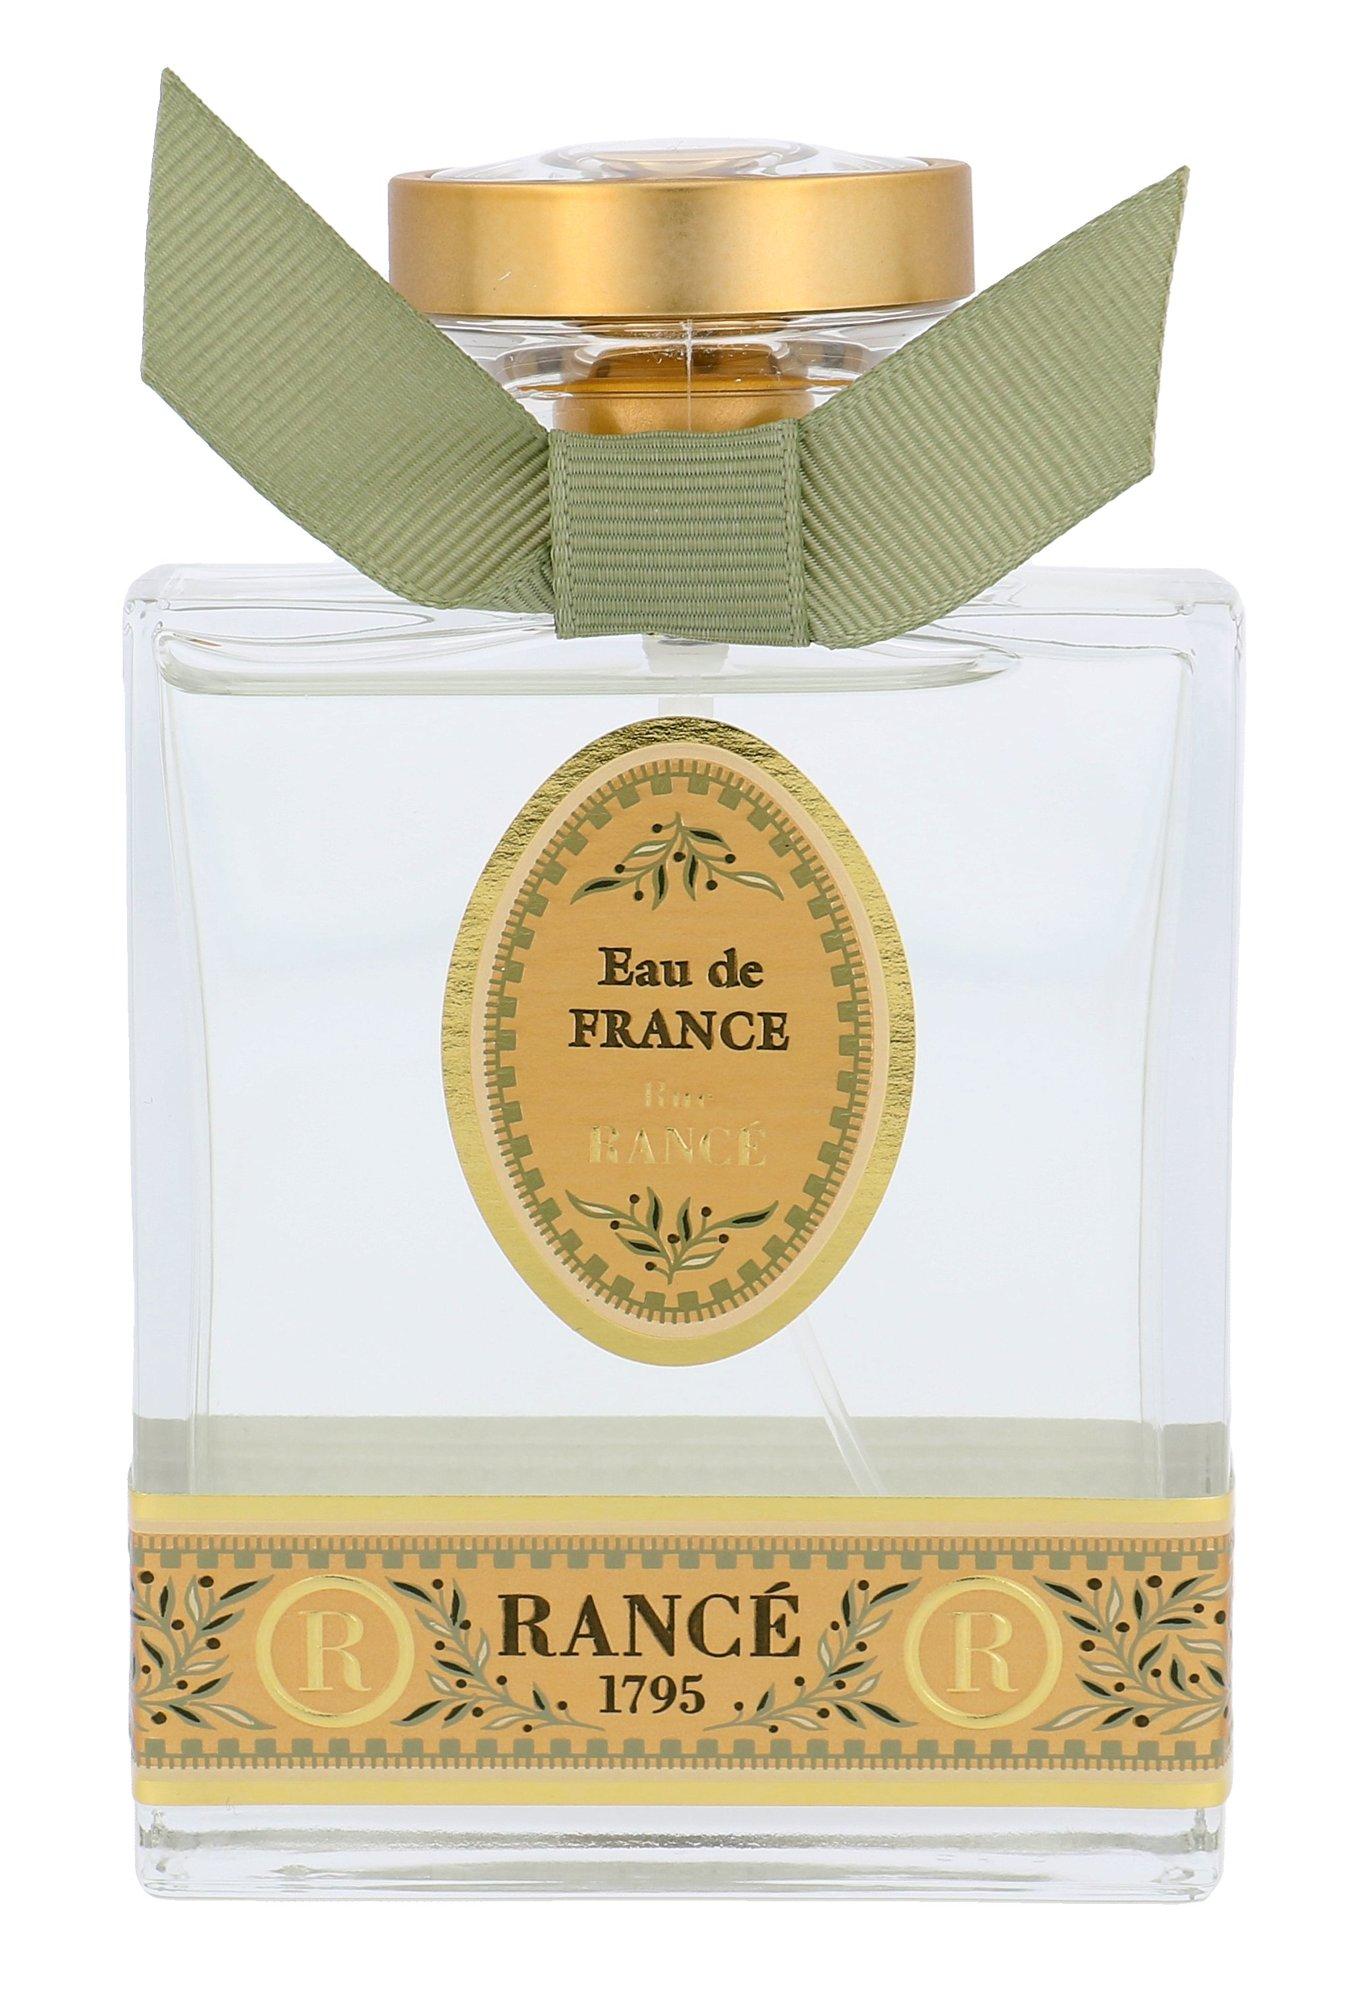 Rance 1795 Rue Rance Eau de France Eau de Toilette 100ml